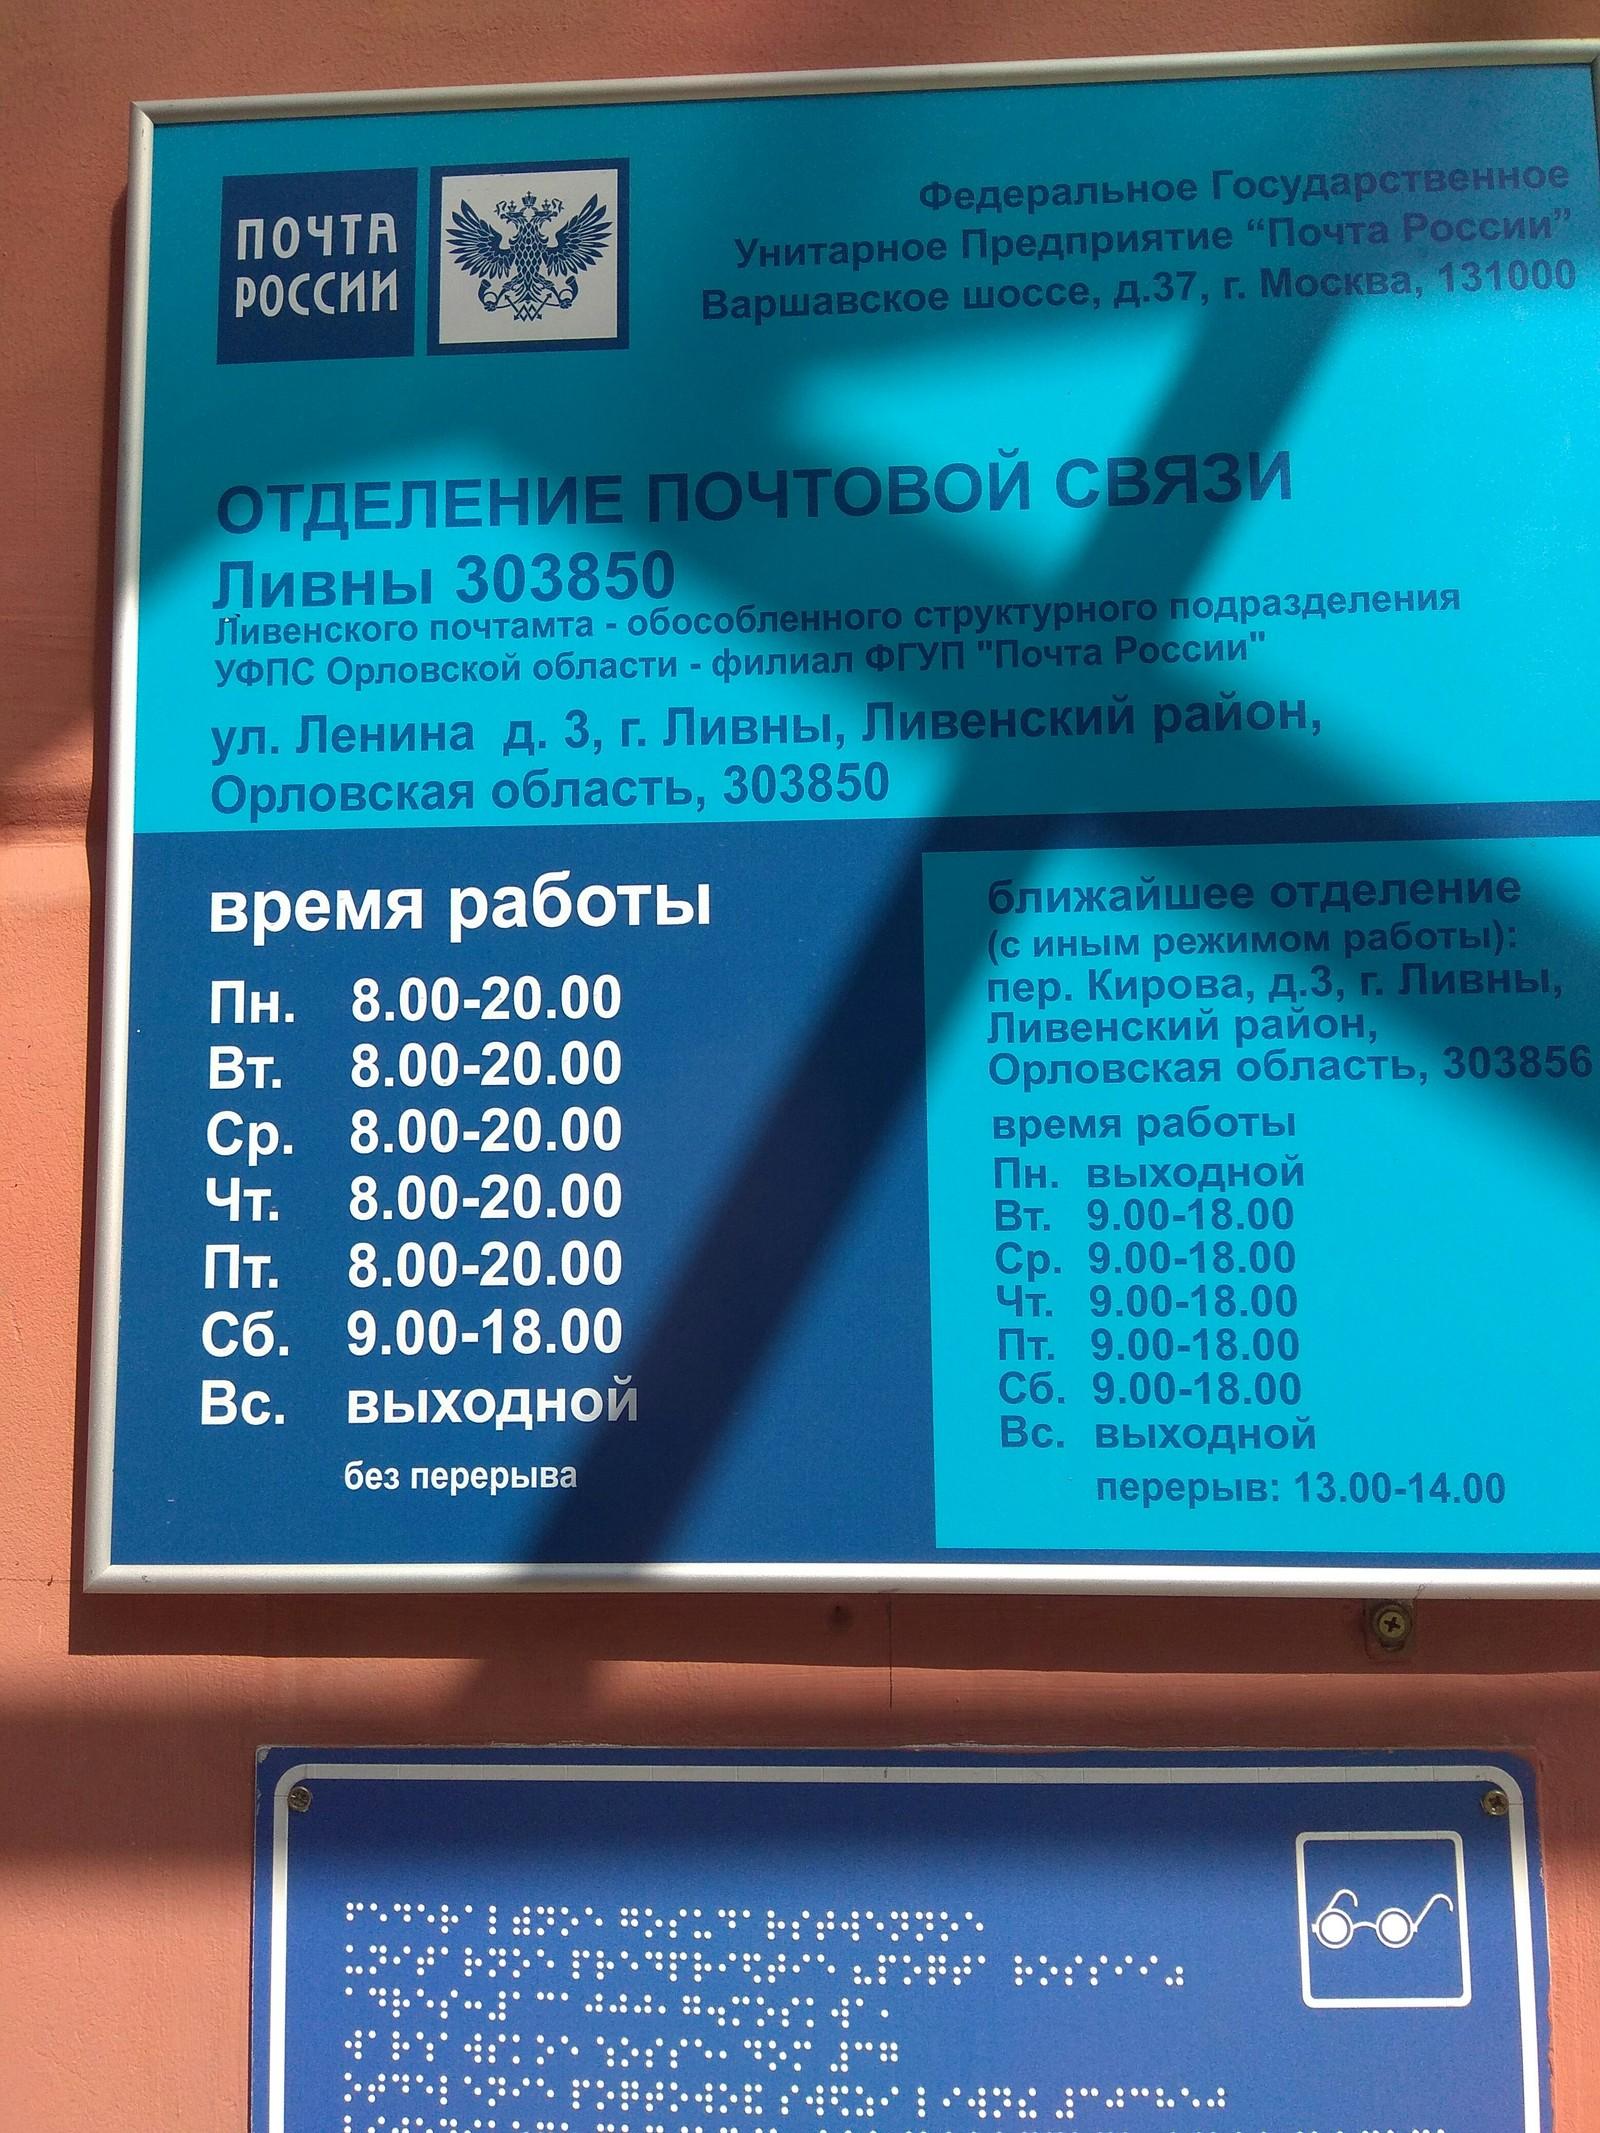 Почта россии приём посылок